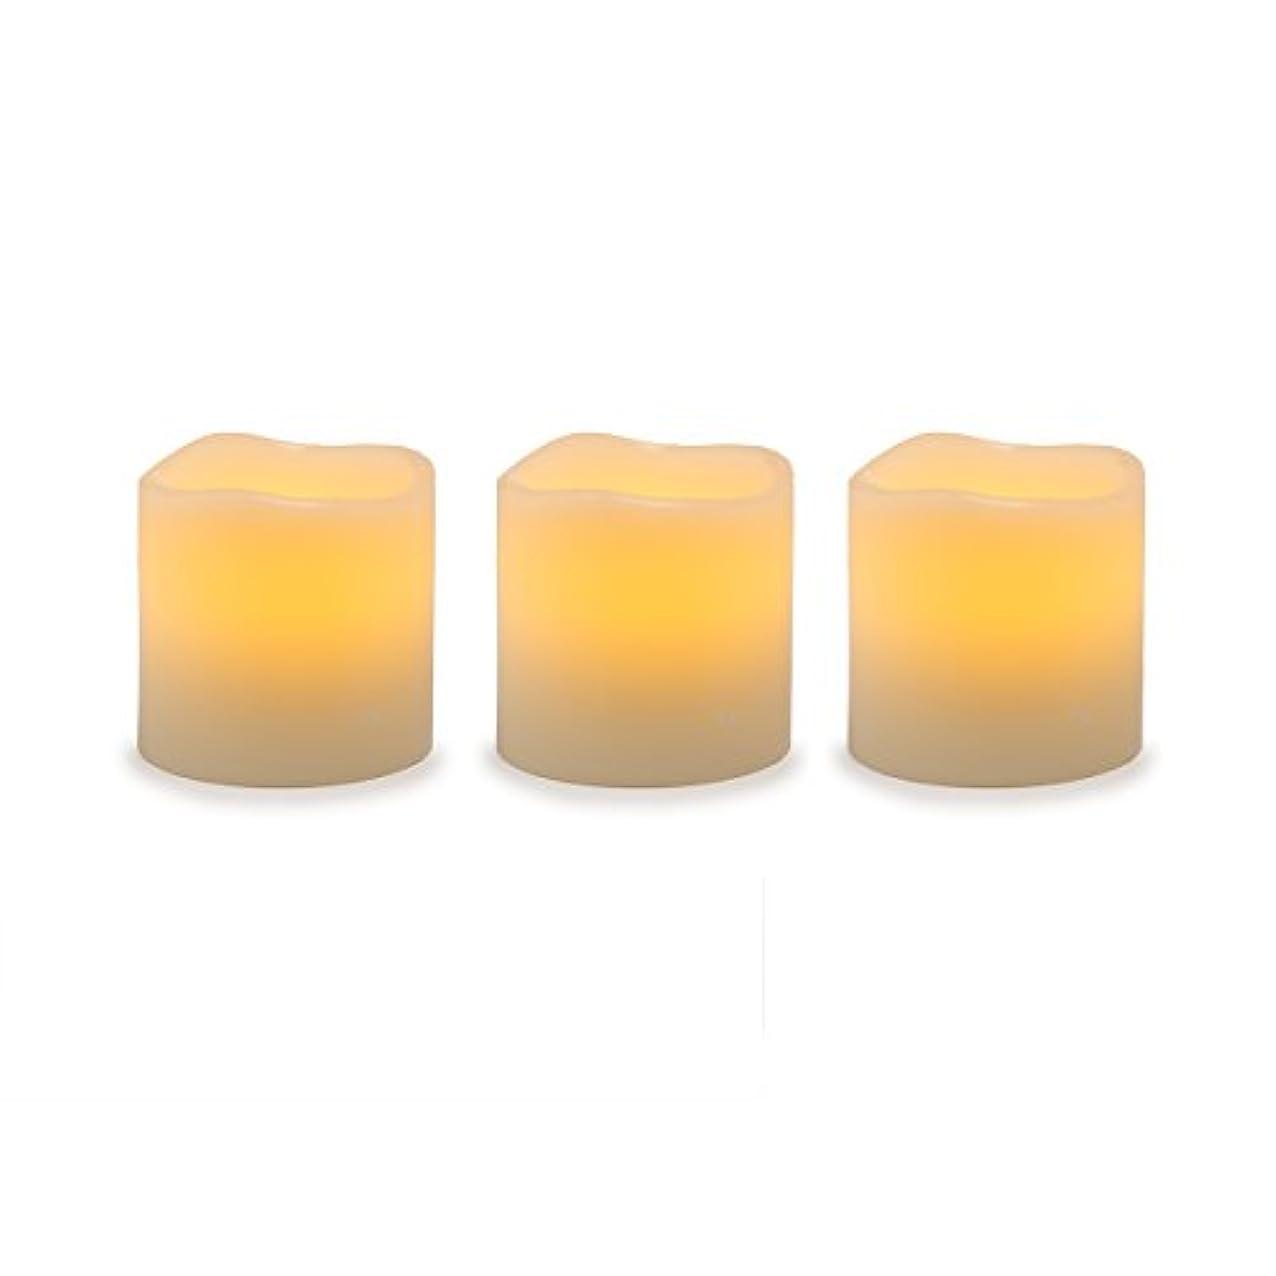 高原ズームインする最後のDarice電池式LED Pillar Candleセット、3ピース